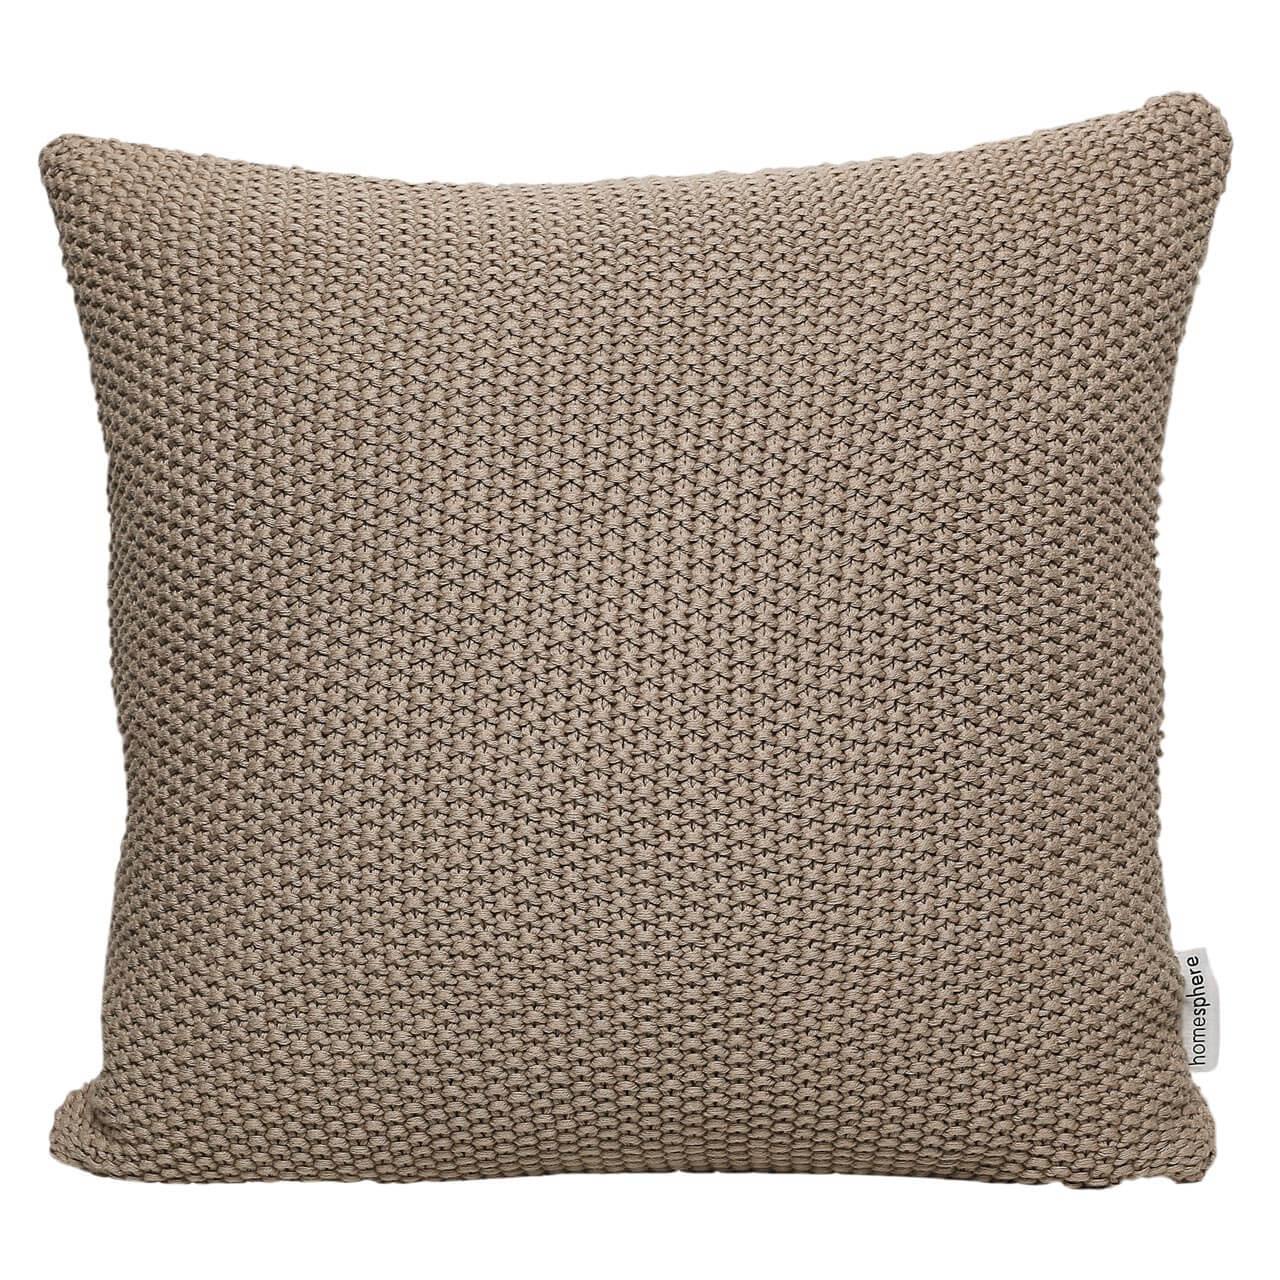 strick kissenh lle moss stitch homesphere onlineshop f r heimtextilien und mehr. Black Bedroom Furniture Sets. Home Design Ideas